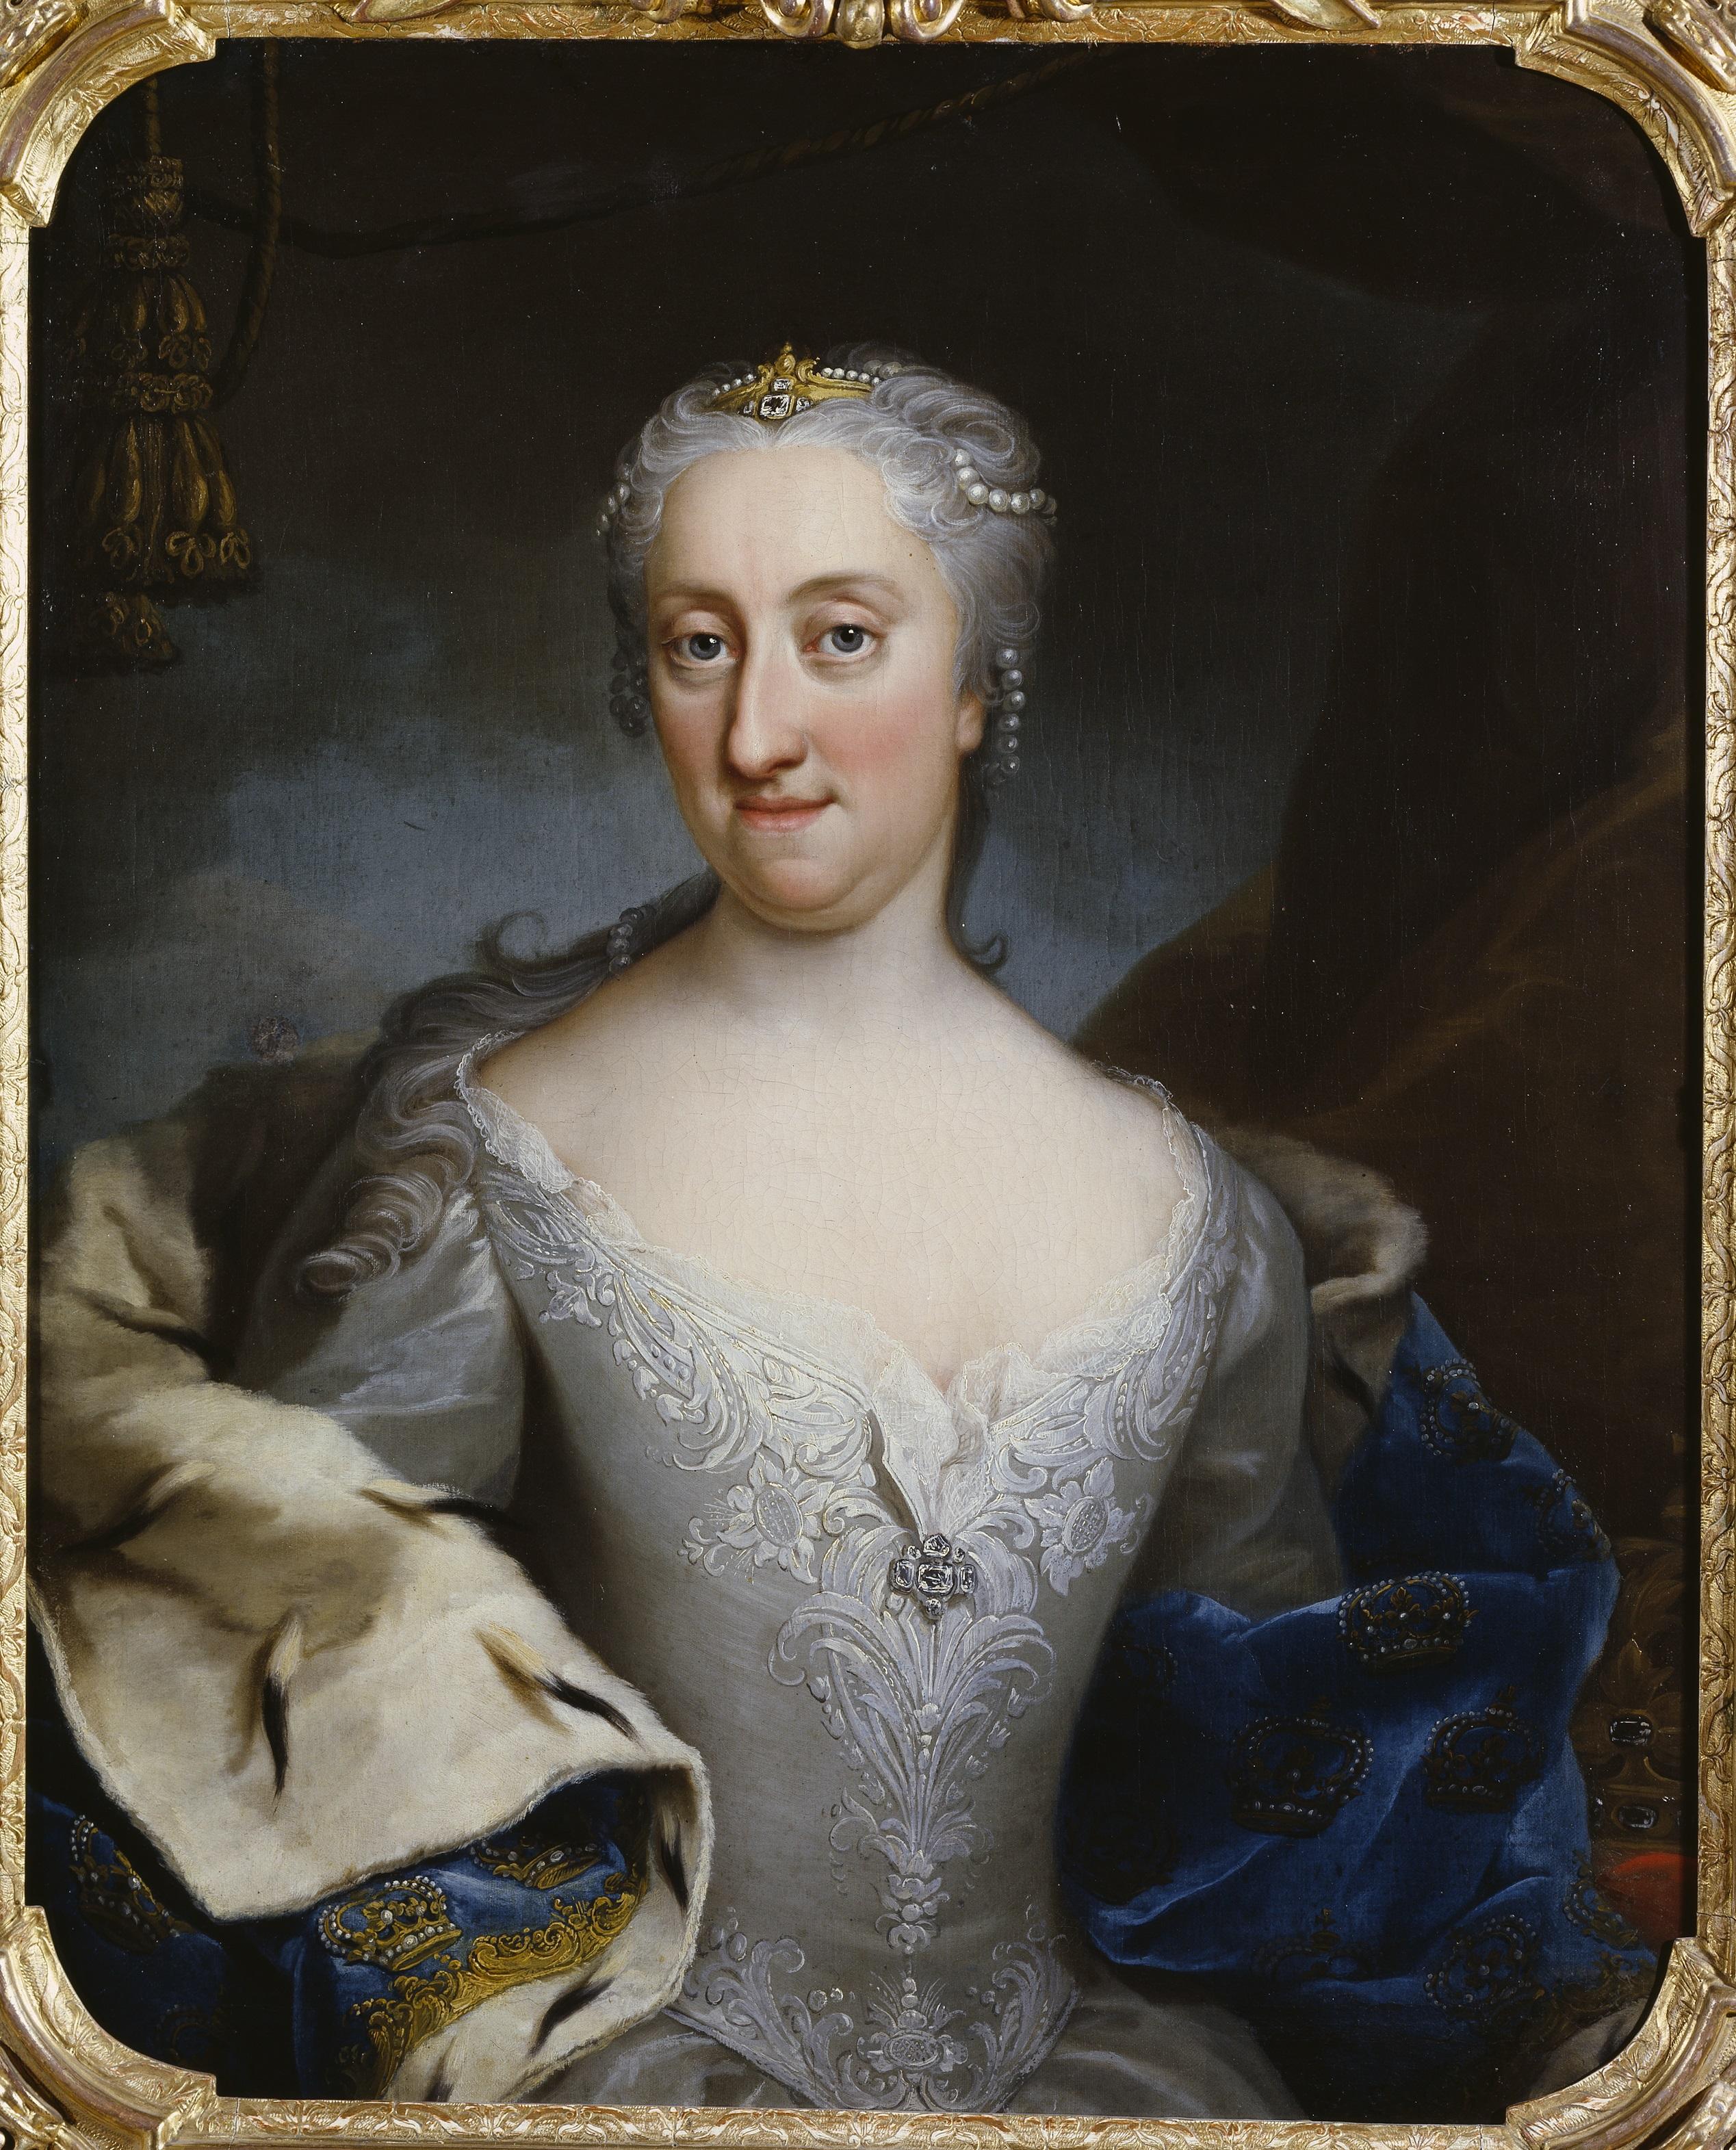 Ulrika Eleonora d.y. Porträtt från 1730, tillskrivet Martin van Meytens (1695–1770). Nationalmuseum. (Wikimedia Commons)